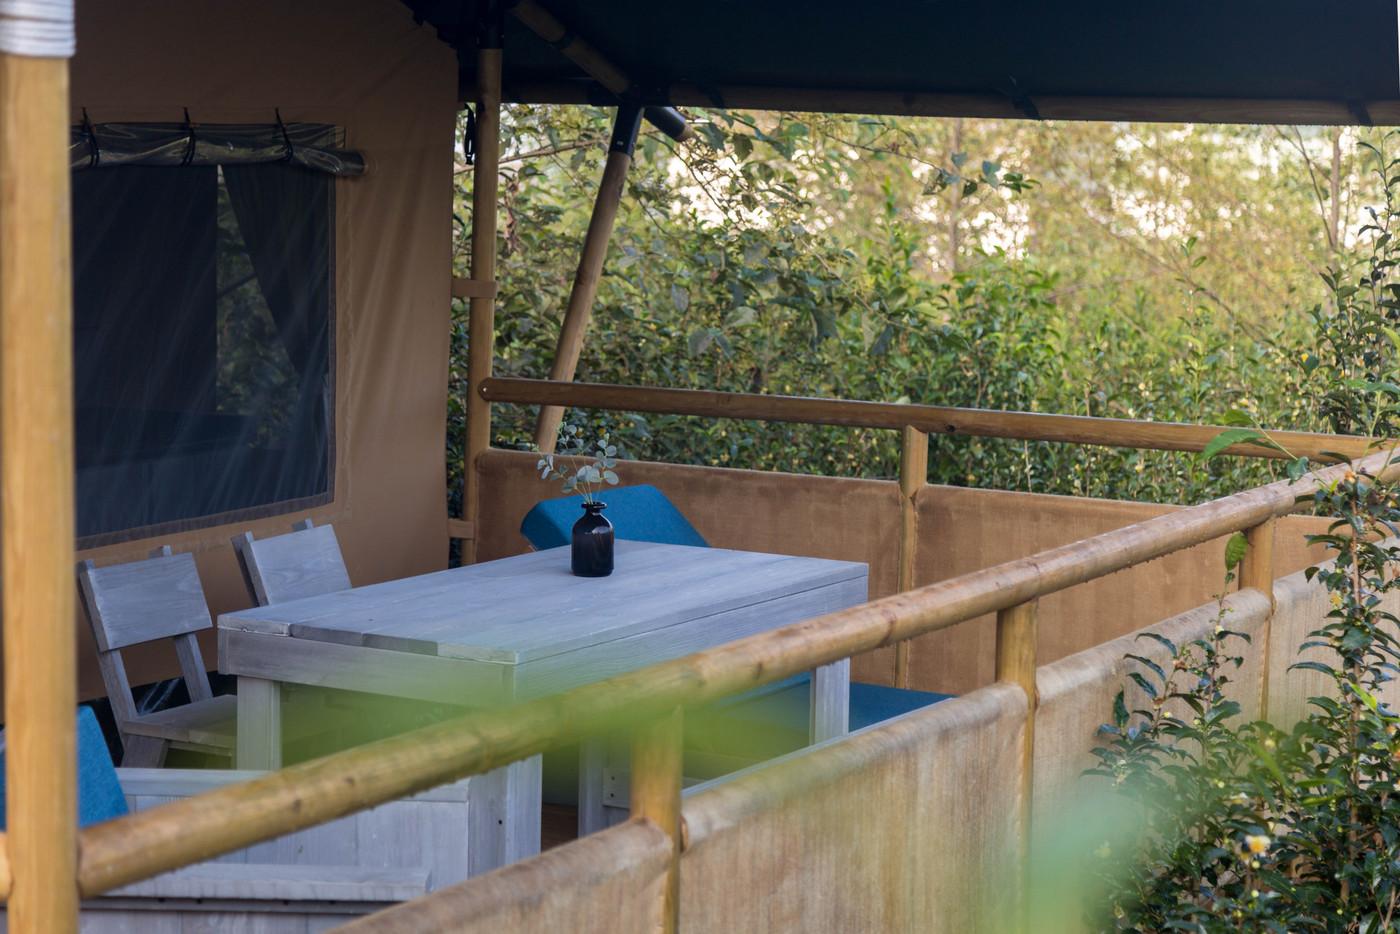 喜马拉雅野奢帐篷酒店—云南腾冲高黎贡山茶博园16